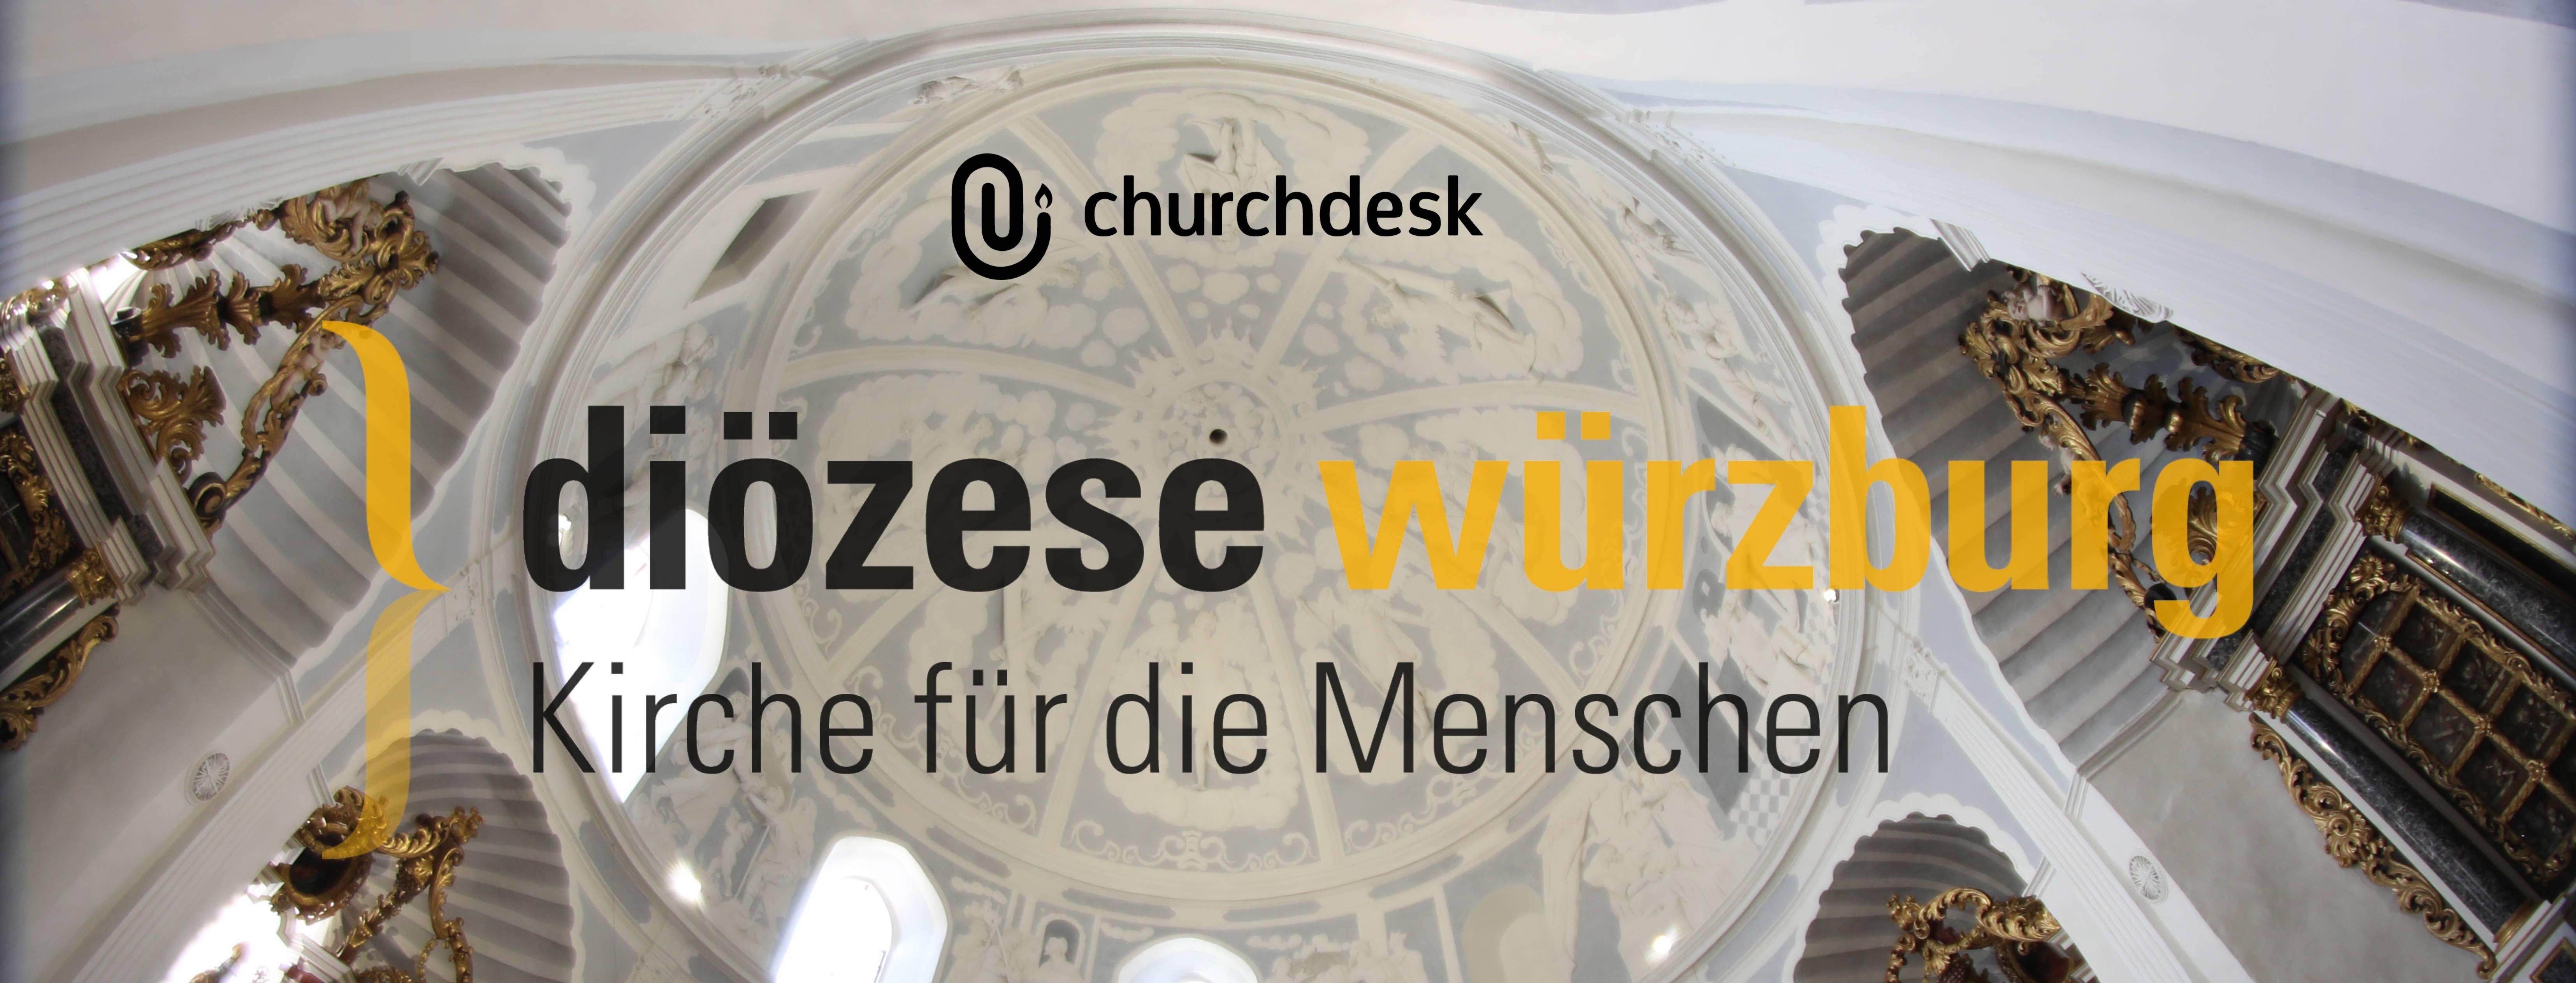 Bistum Würzburg und ChurchDesk